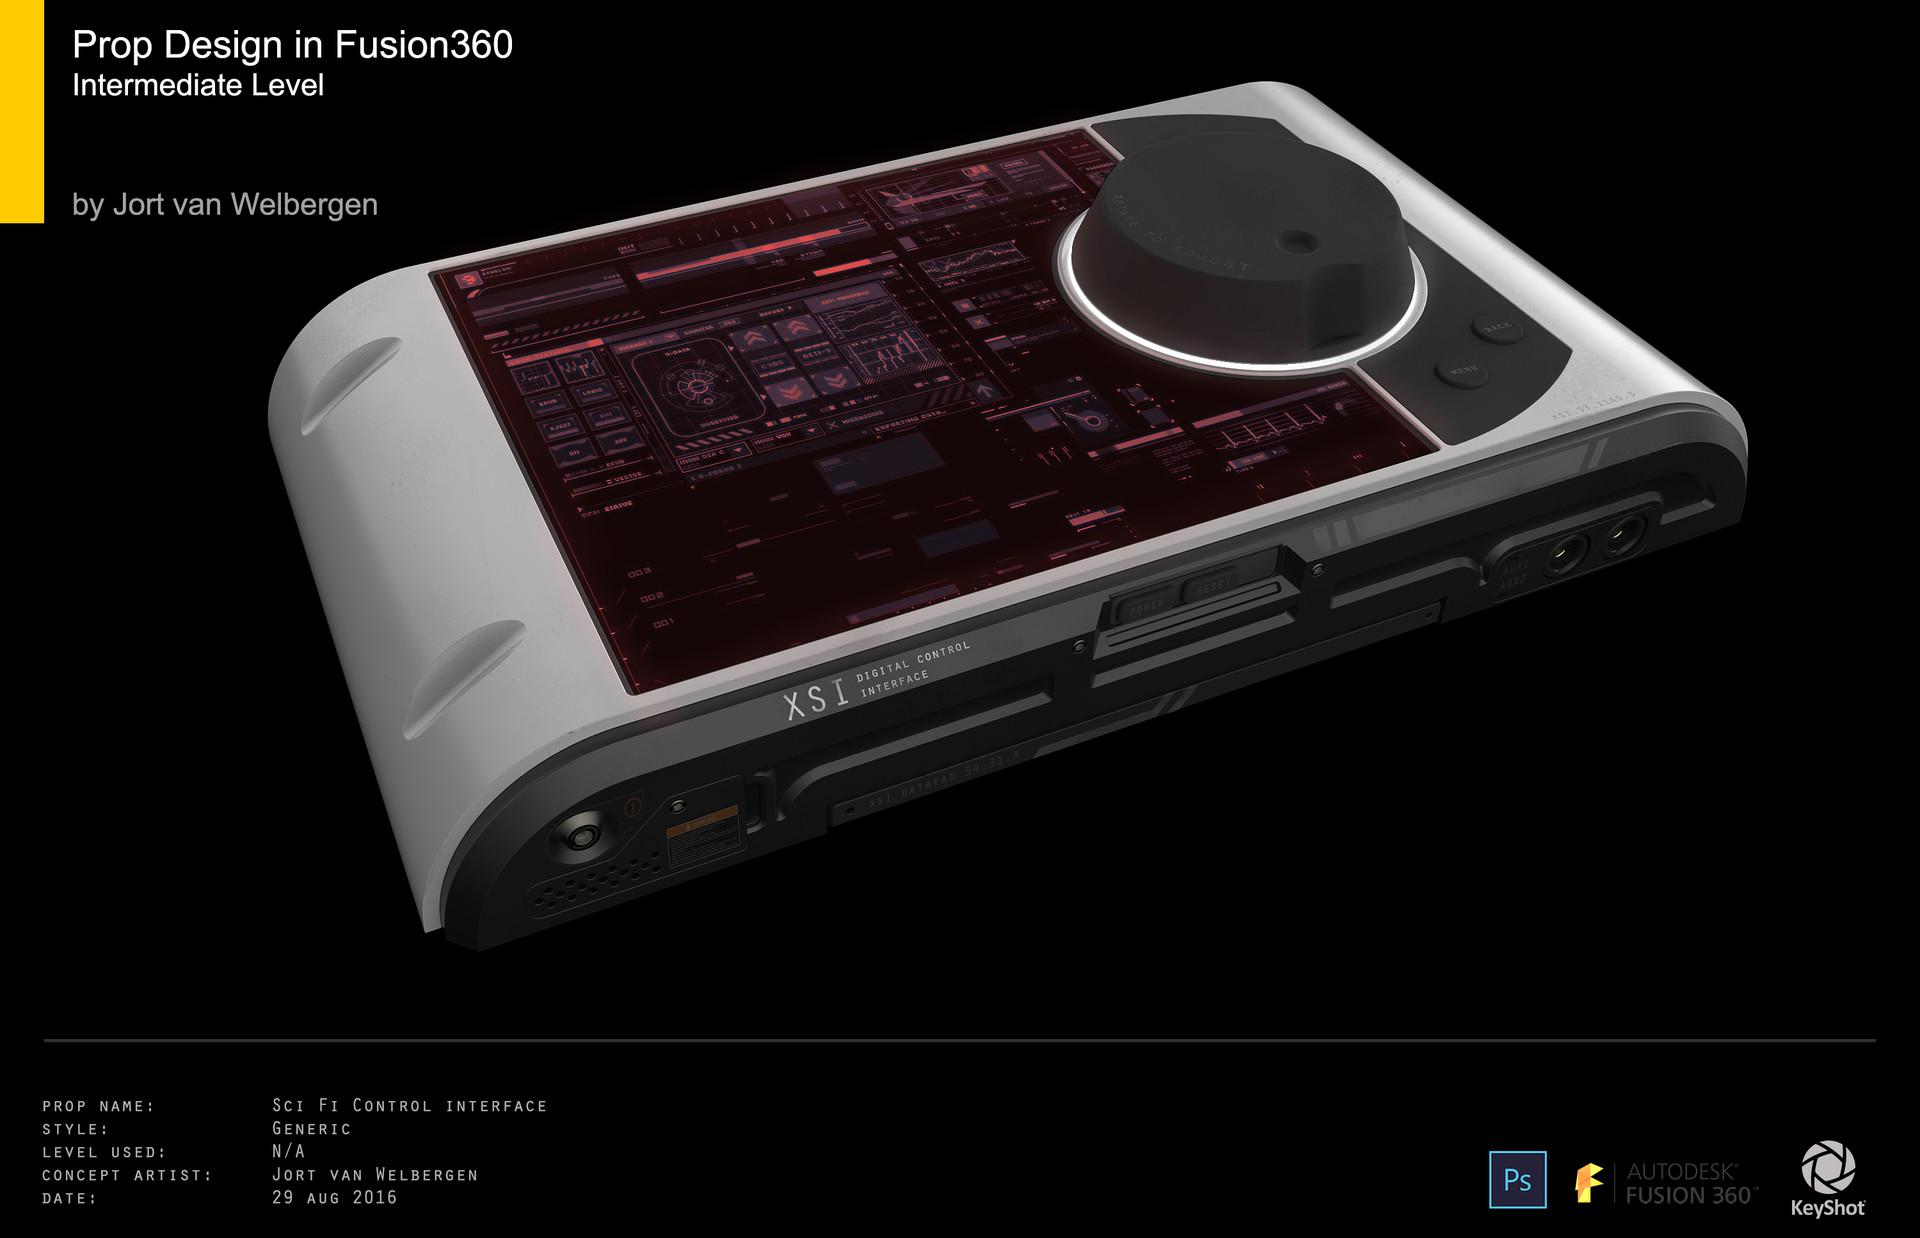 Prop design in Fusion360 tutorial